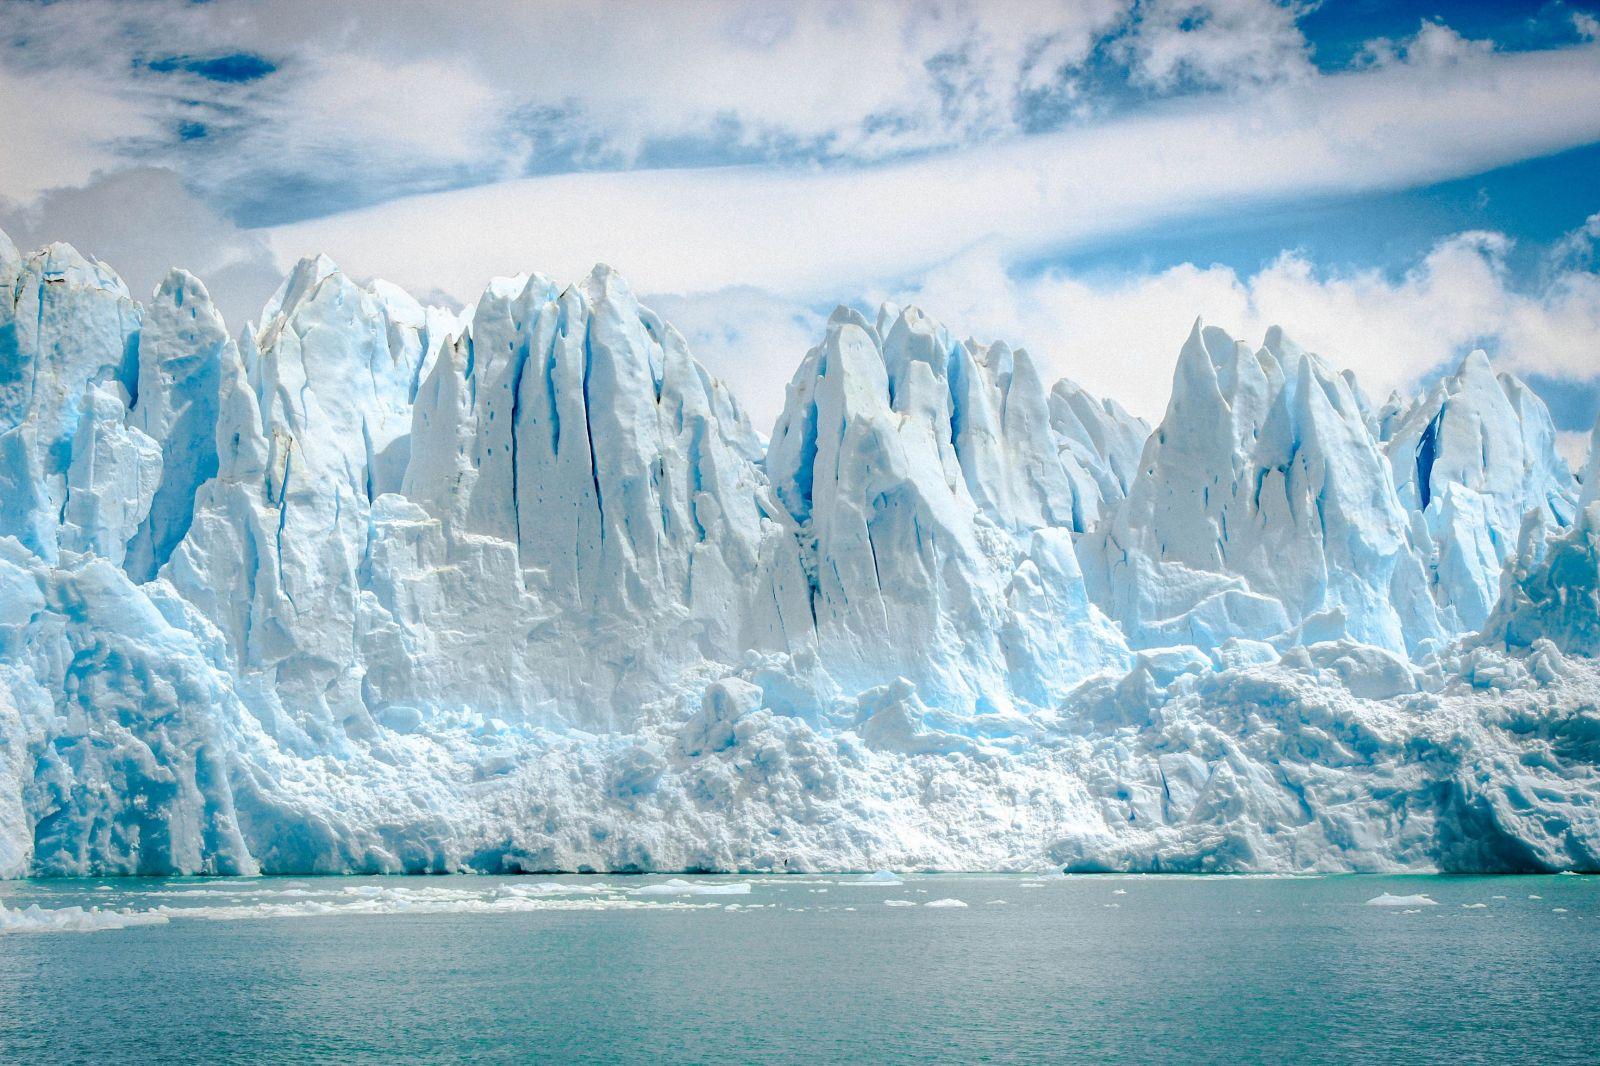 Teplá voda topí ľadovce 100x rýchlejšie, ako vedci predpokladali